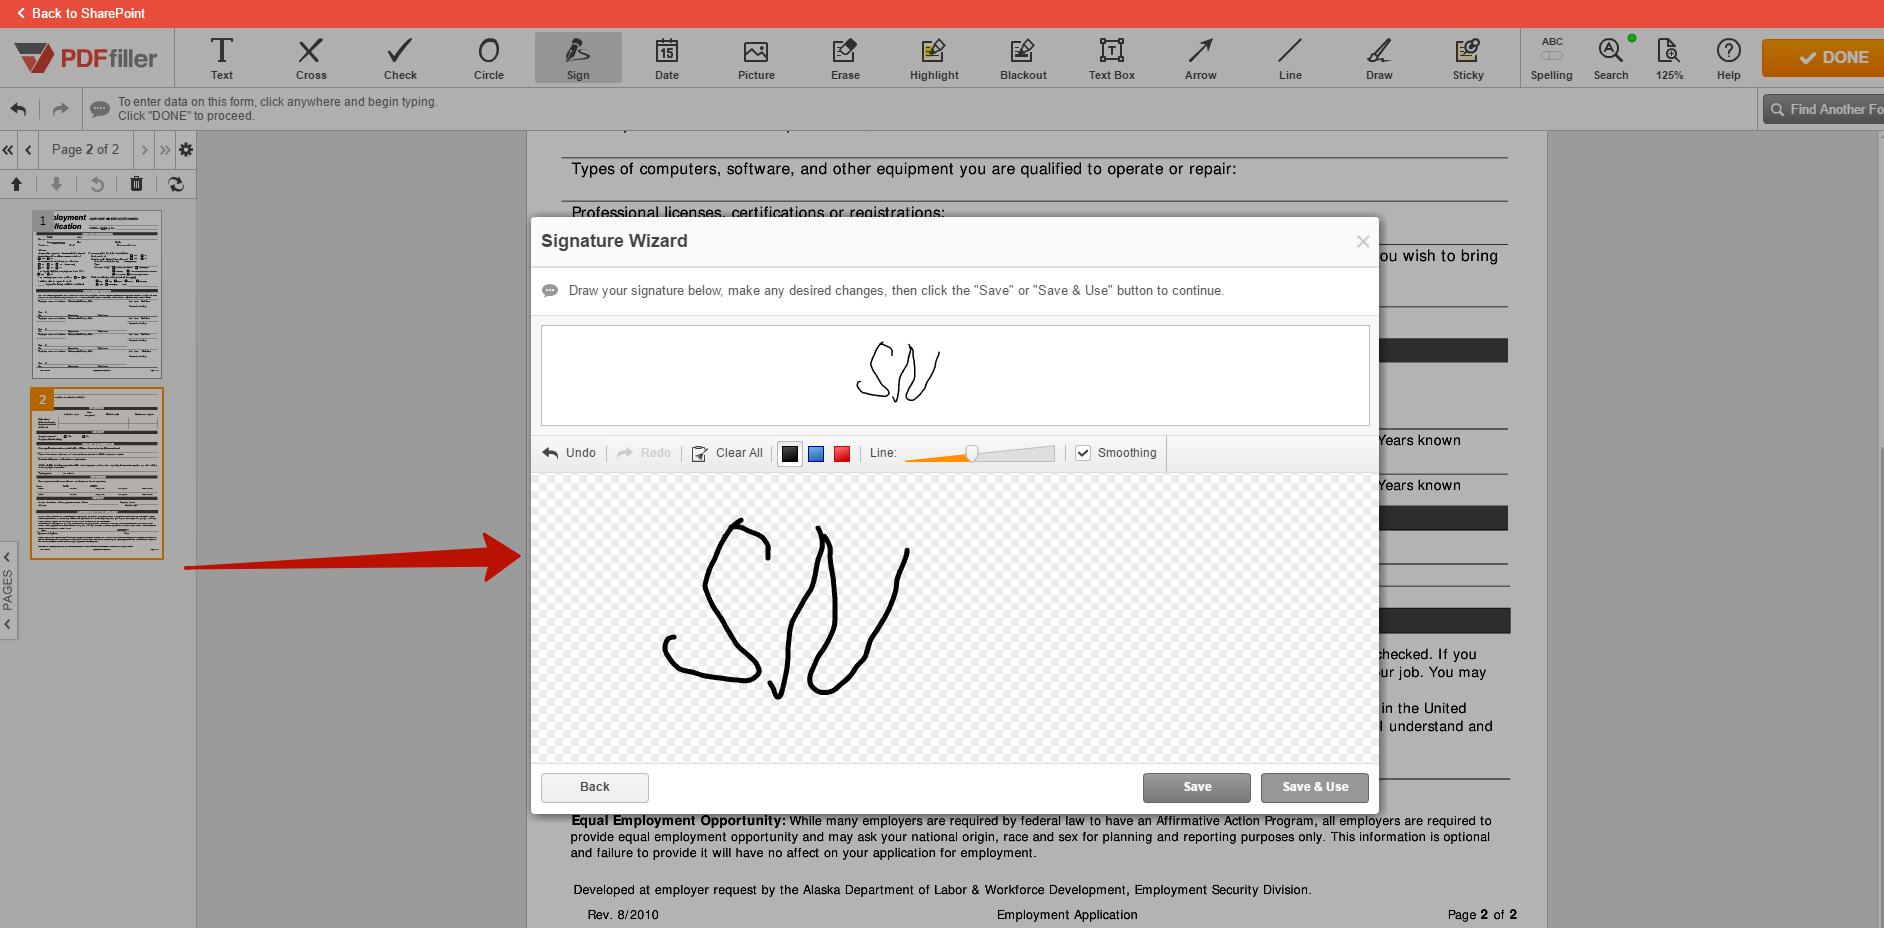 PDFfiller SharePoint integration